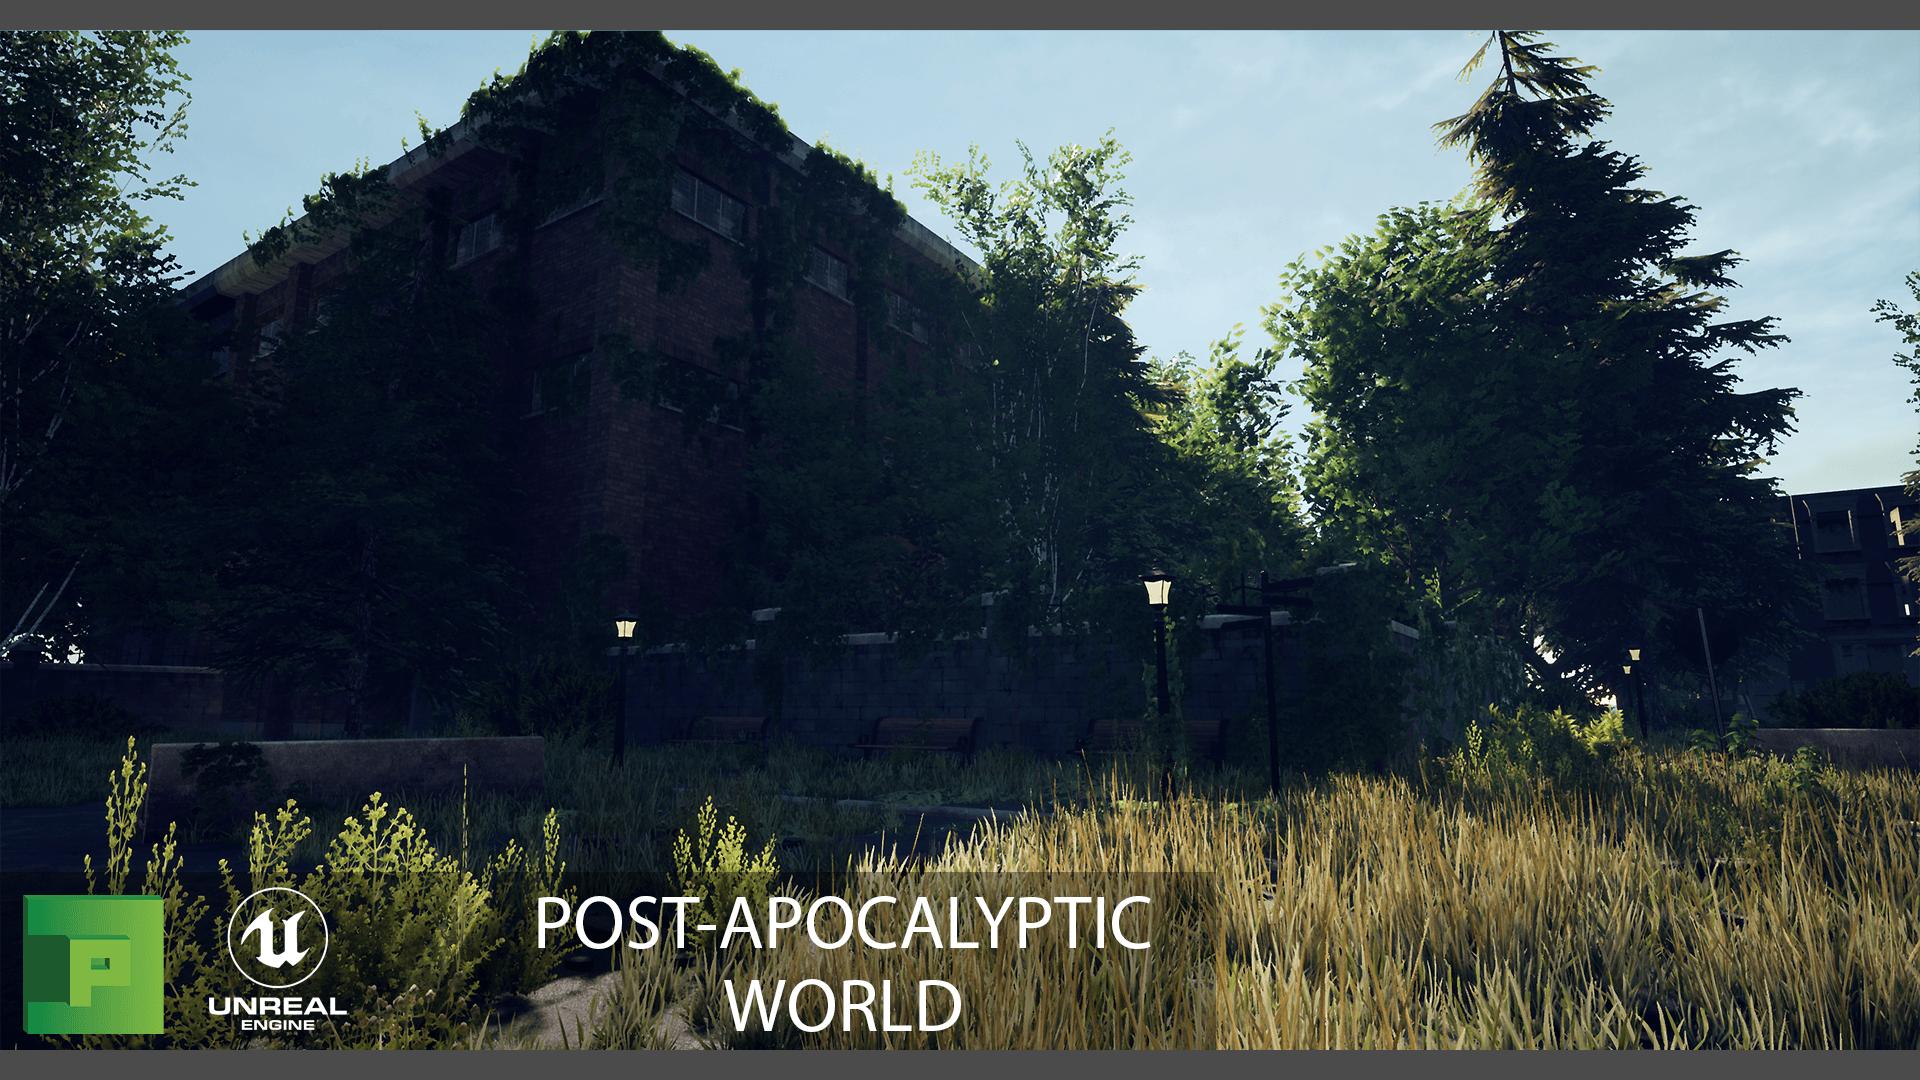 PostApocalypticWorld_07